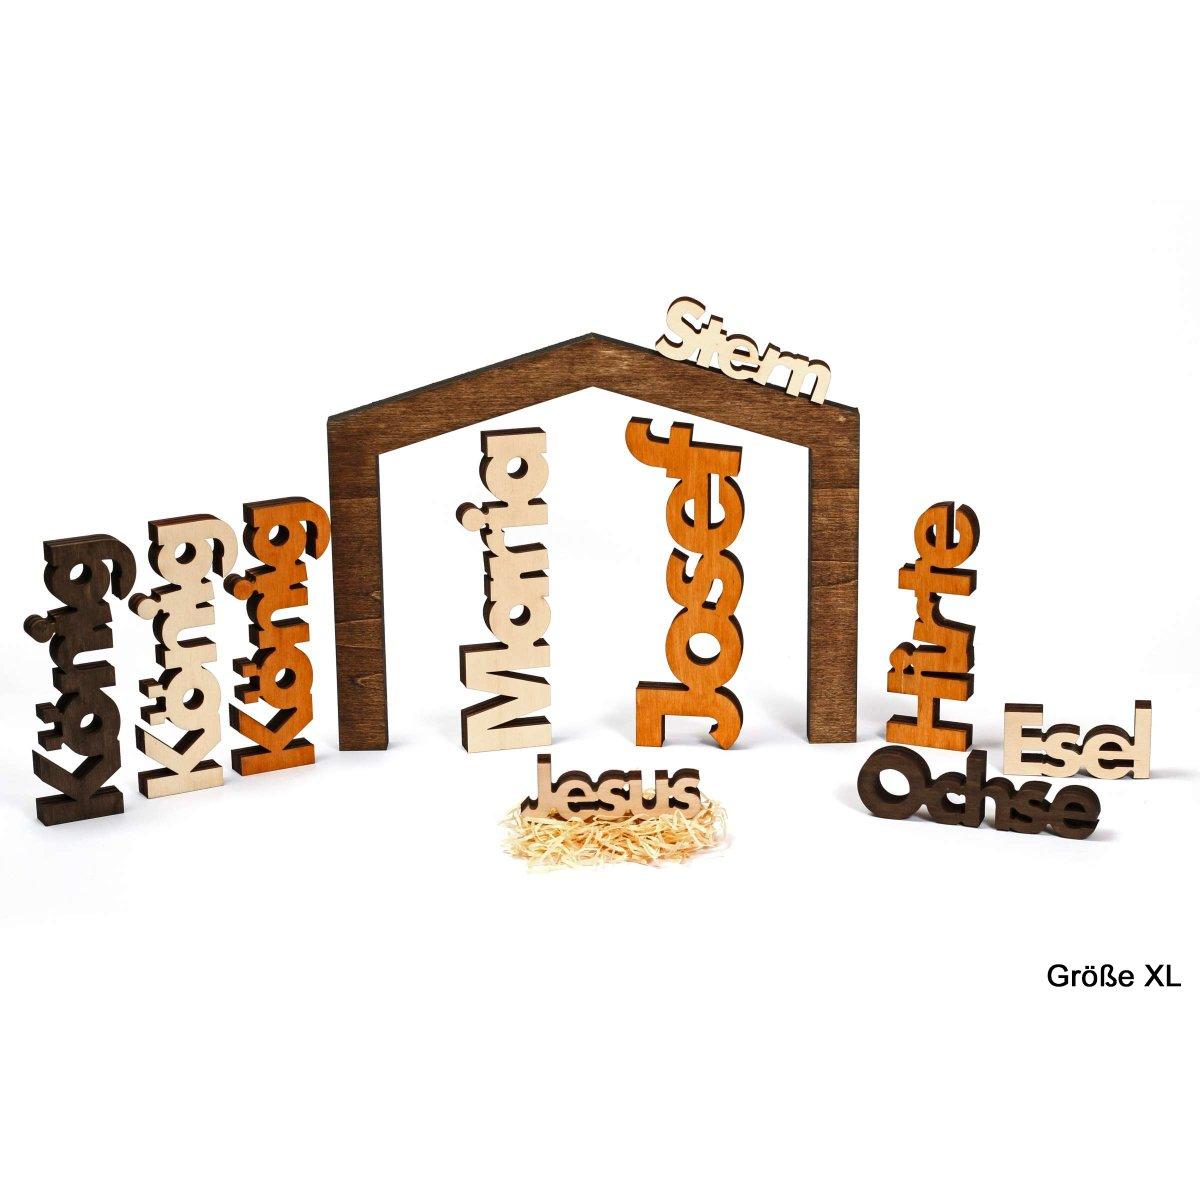 moderne weihnachtskrippe 11 teilig aus massivholz xl. Black Bedroom Furniture Sets. Home Design Ideas